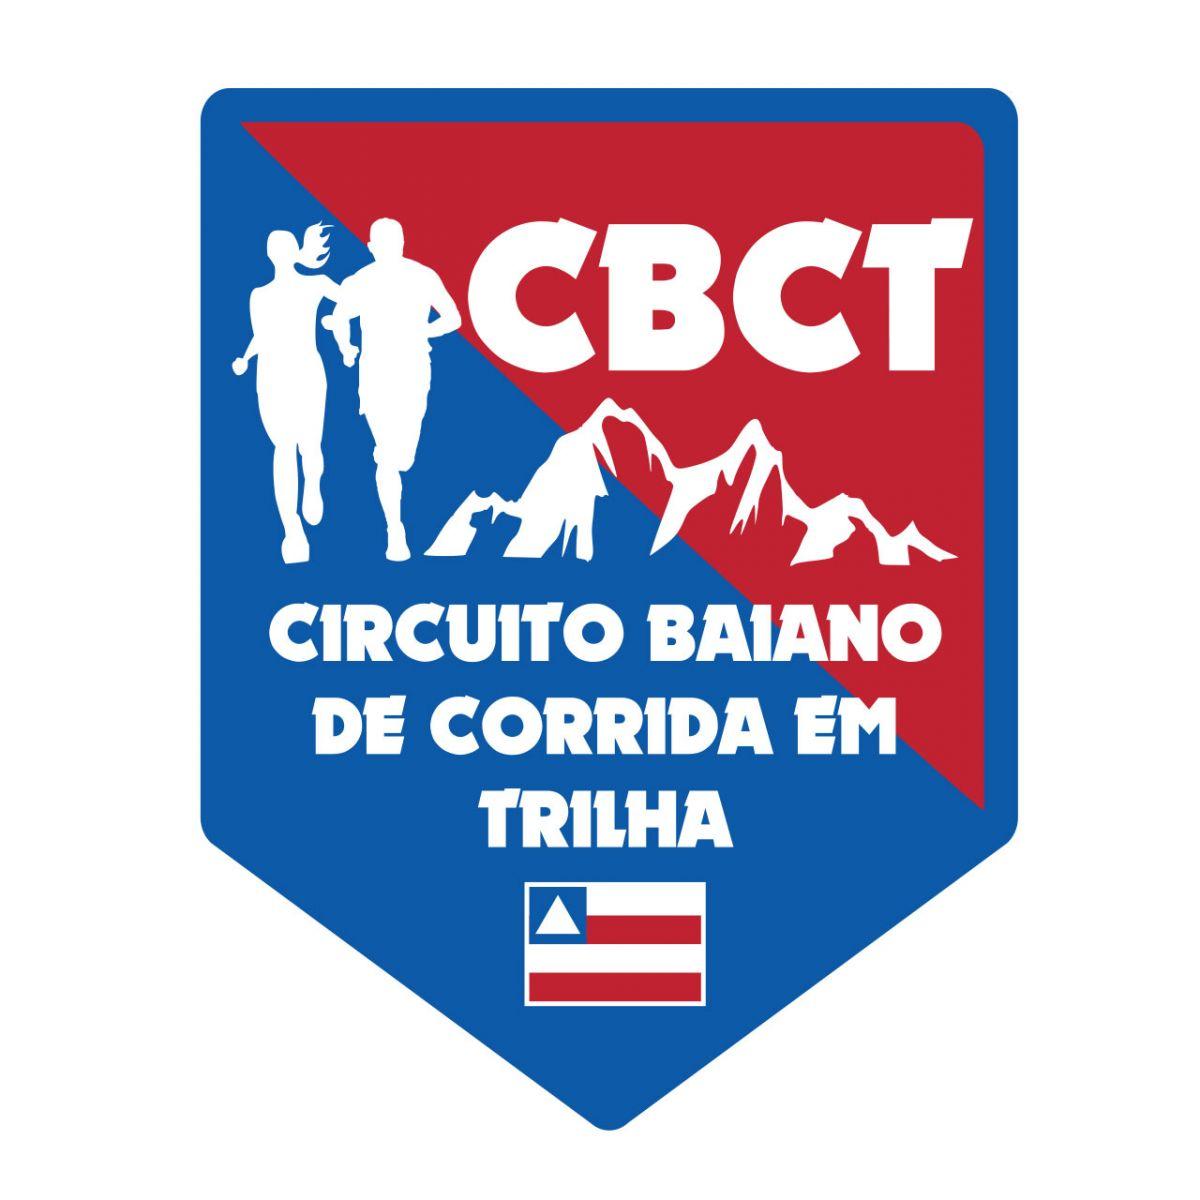 CBCT Circuito Baiano de Corrida em Trilha 2020